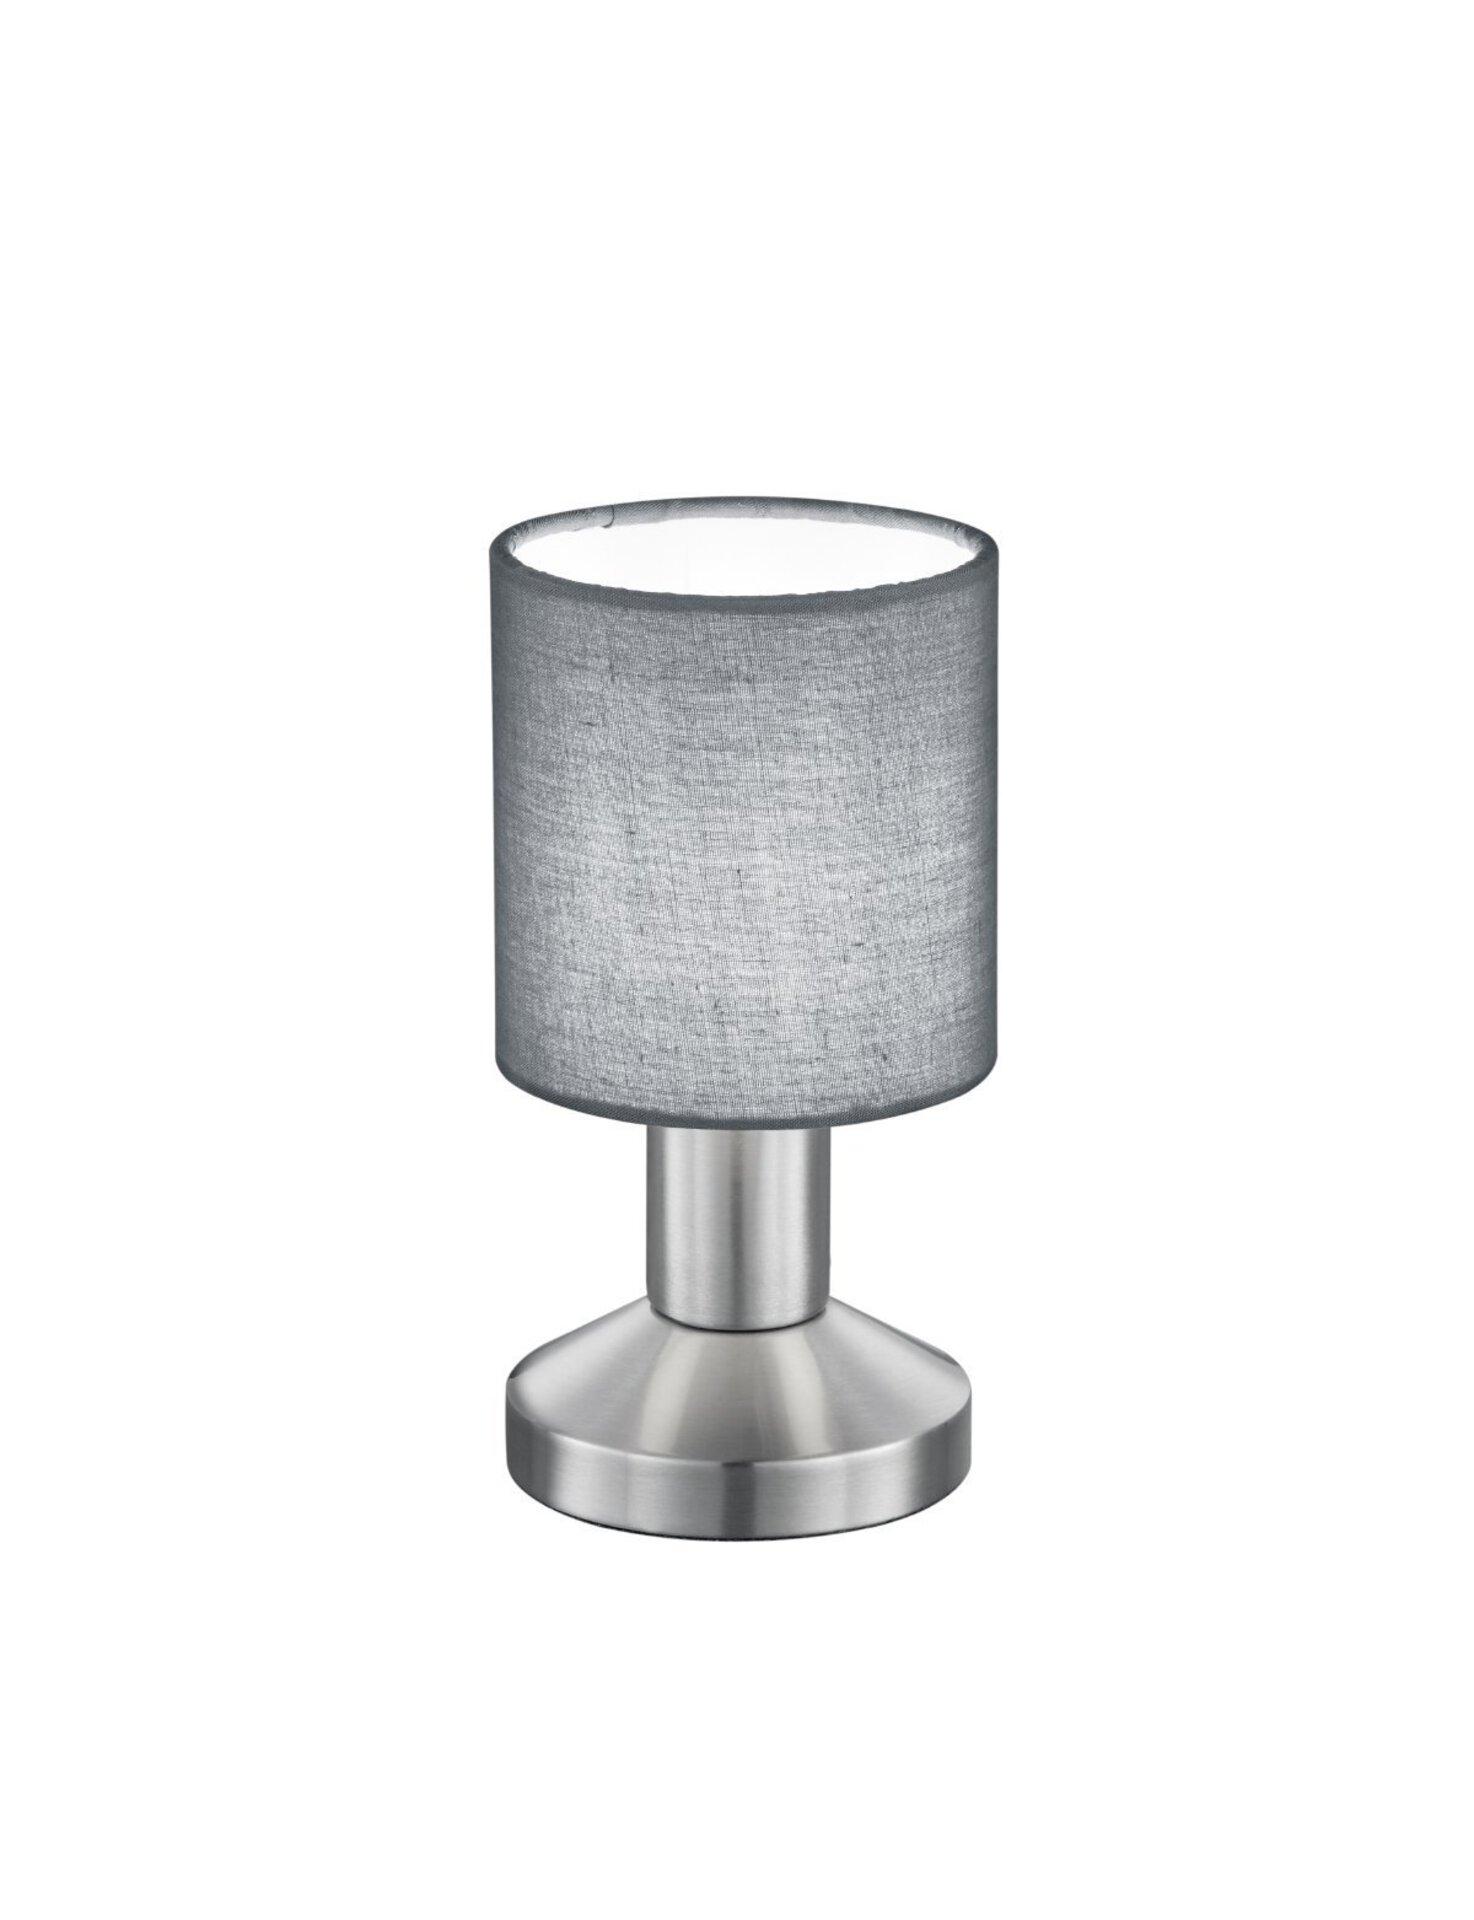 Tischleuchte Garda Trio Leuchten Metall silber 10 x 16 x 10 cm